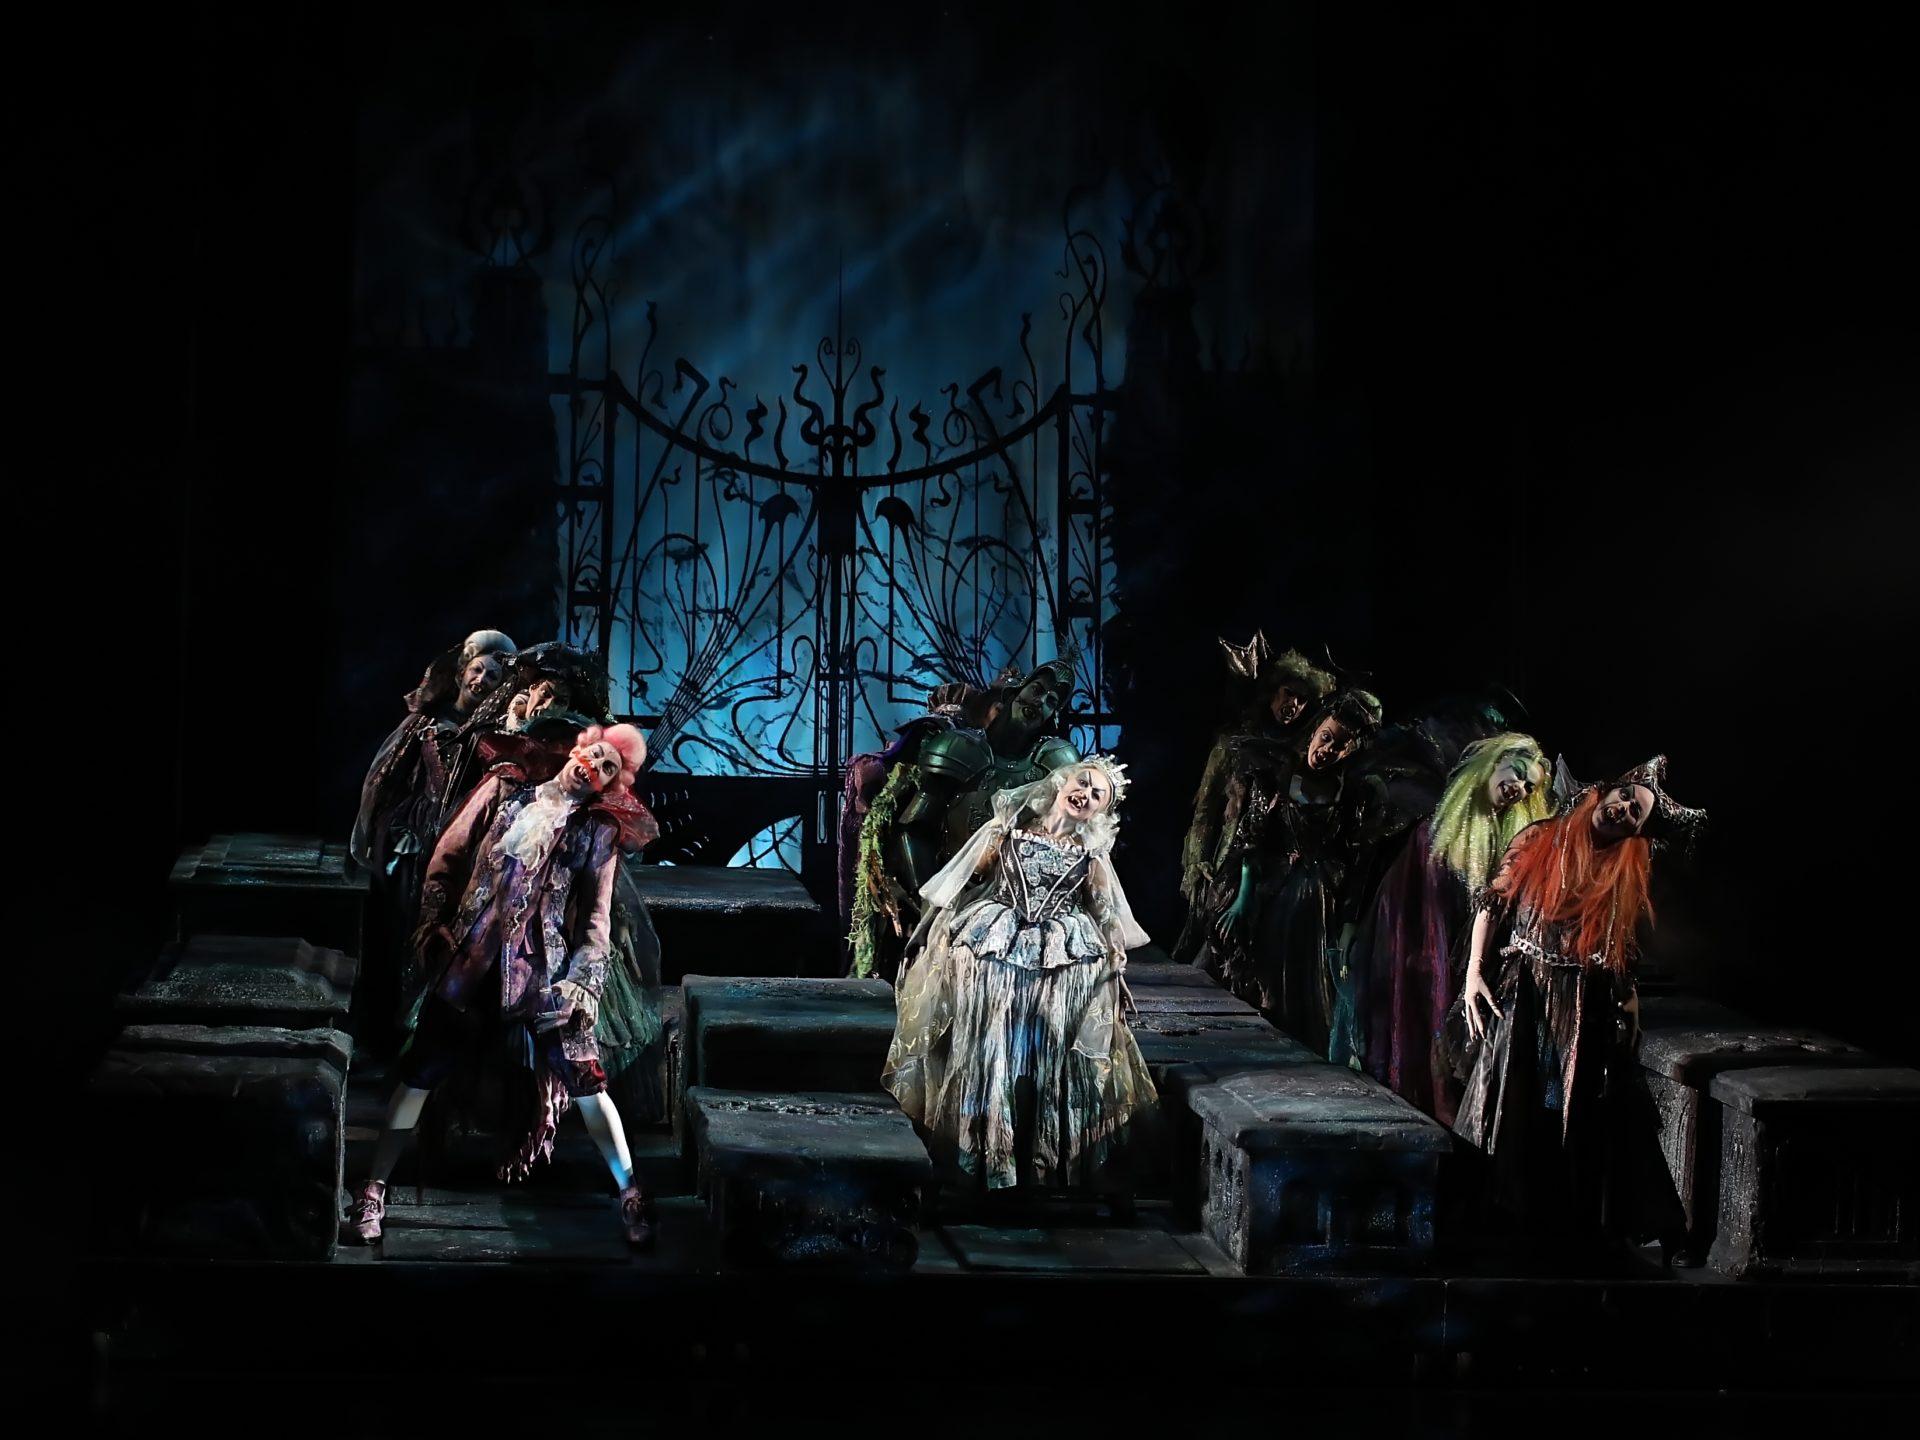 Graf von Krolock lädt zum Tanz der Vampire copyright: CityNEWS / Thomas Pera